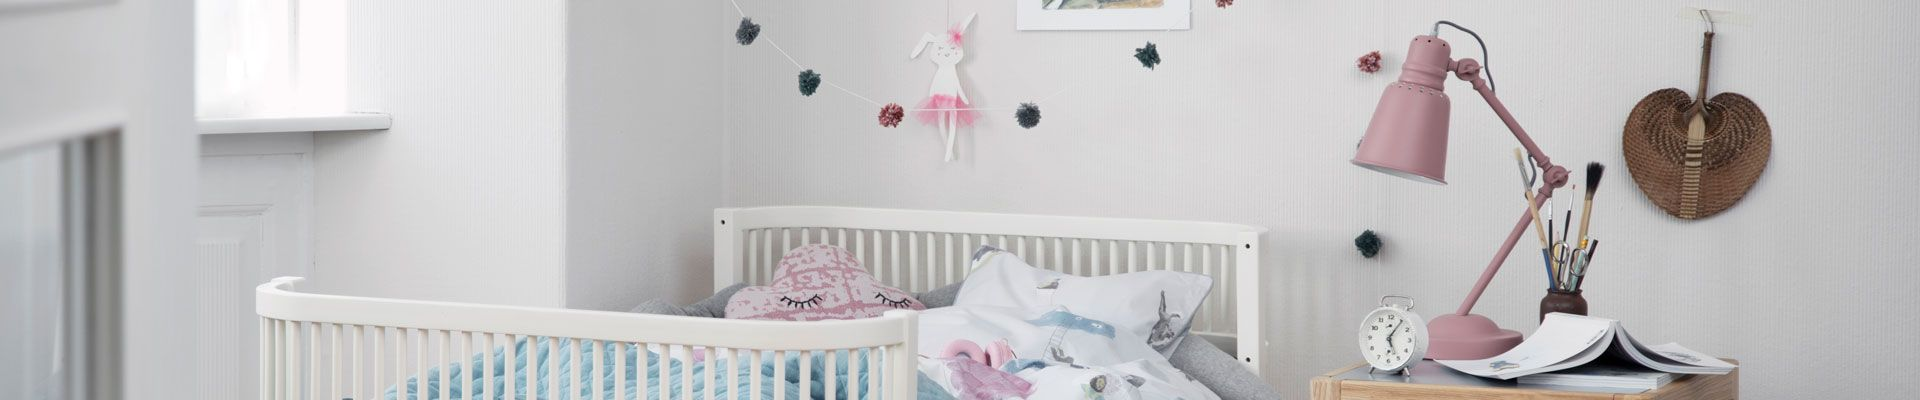 3 x Stylingtips voor baby- en kinderkamer